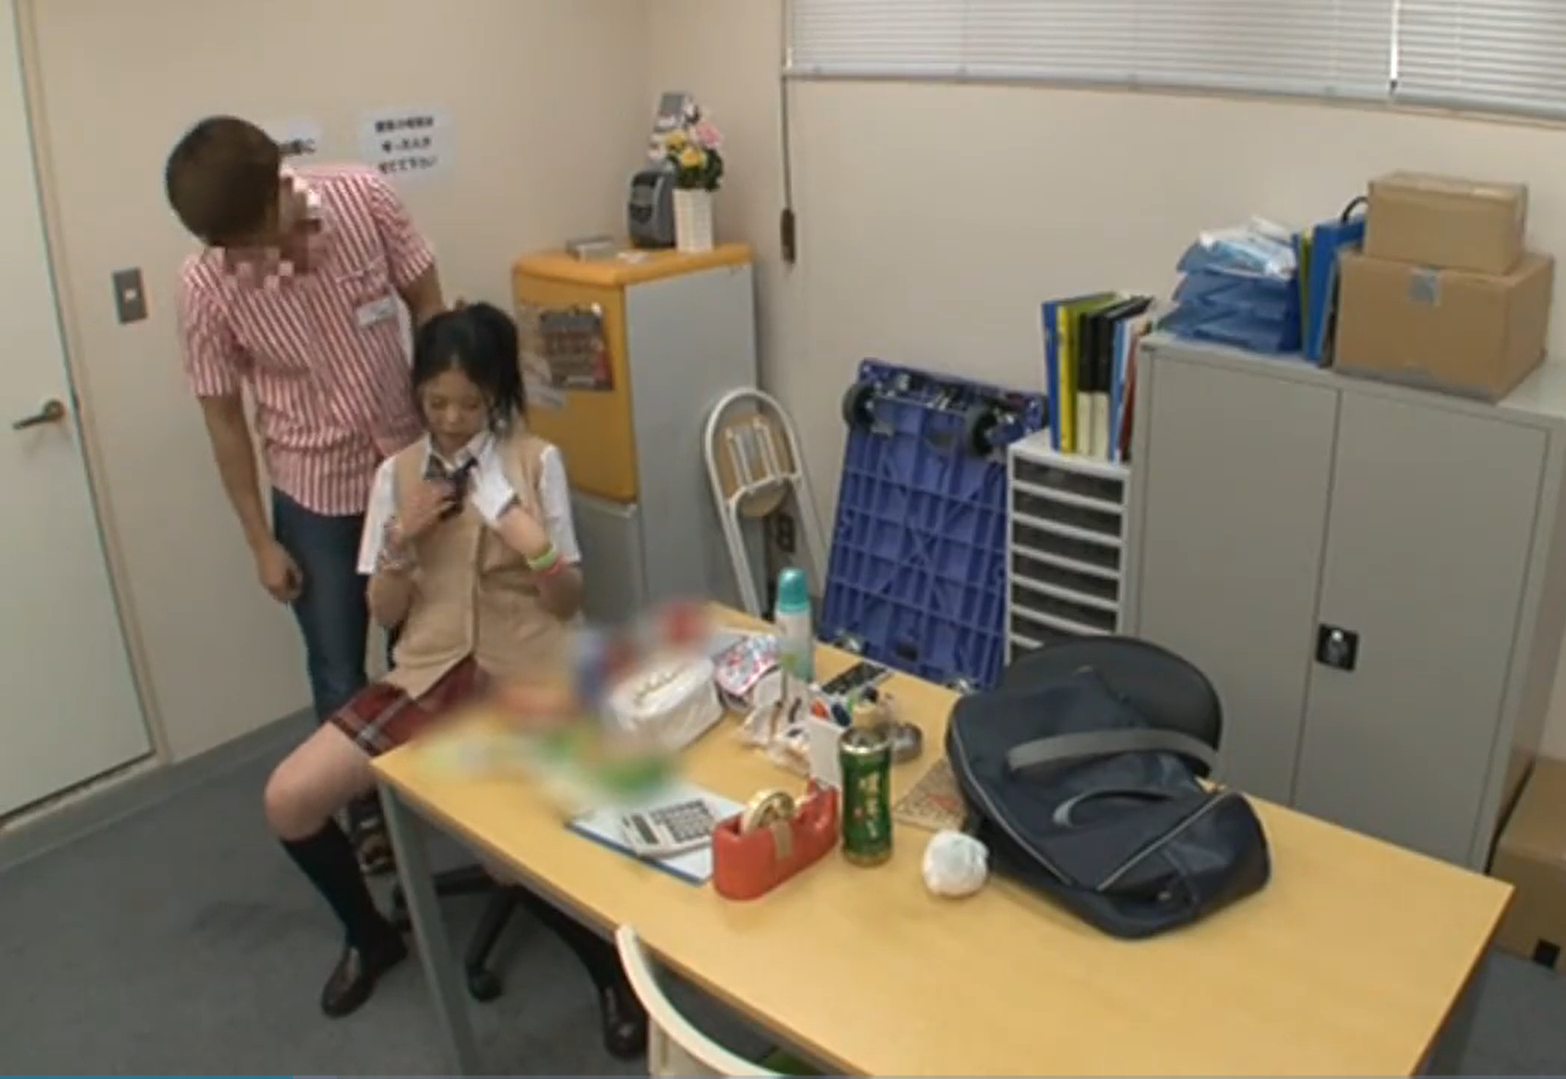 【JKレイプ】万引きを認めない生意気巨乳JKを脅し事務所で無理やり挿入生ハメ強姦…!